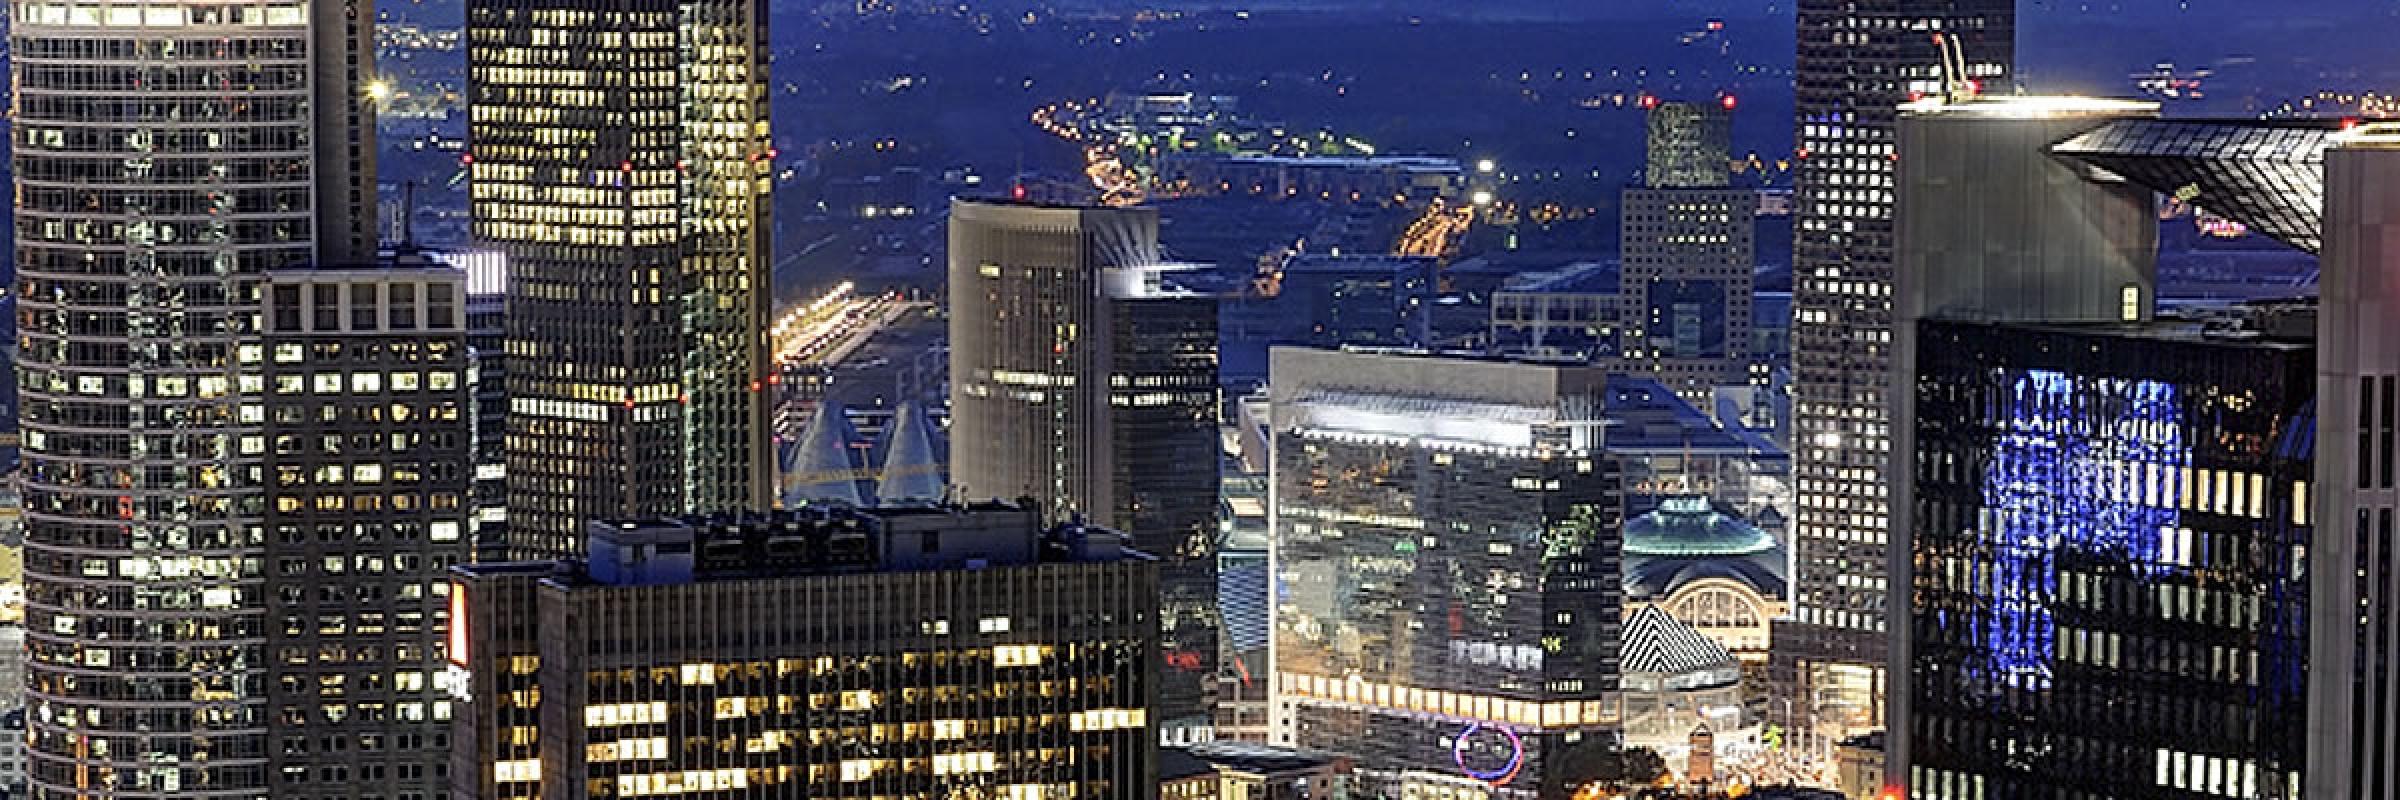 Frankfurt am Main, Beleuchtung bei Nacht